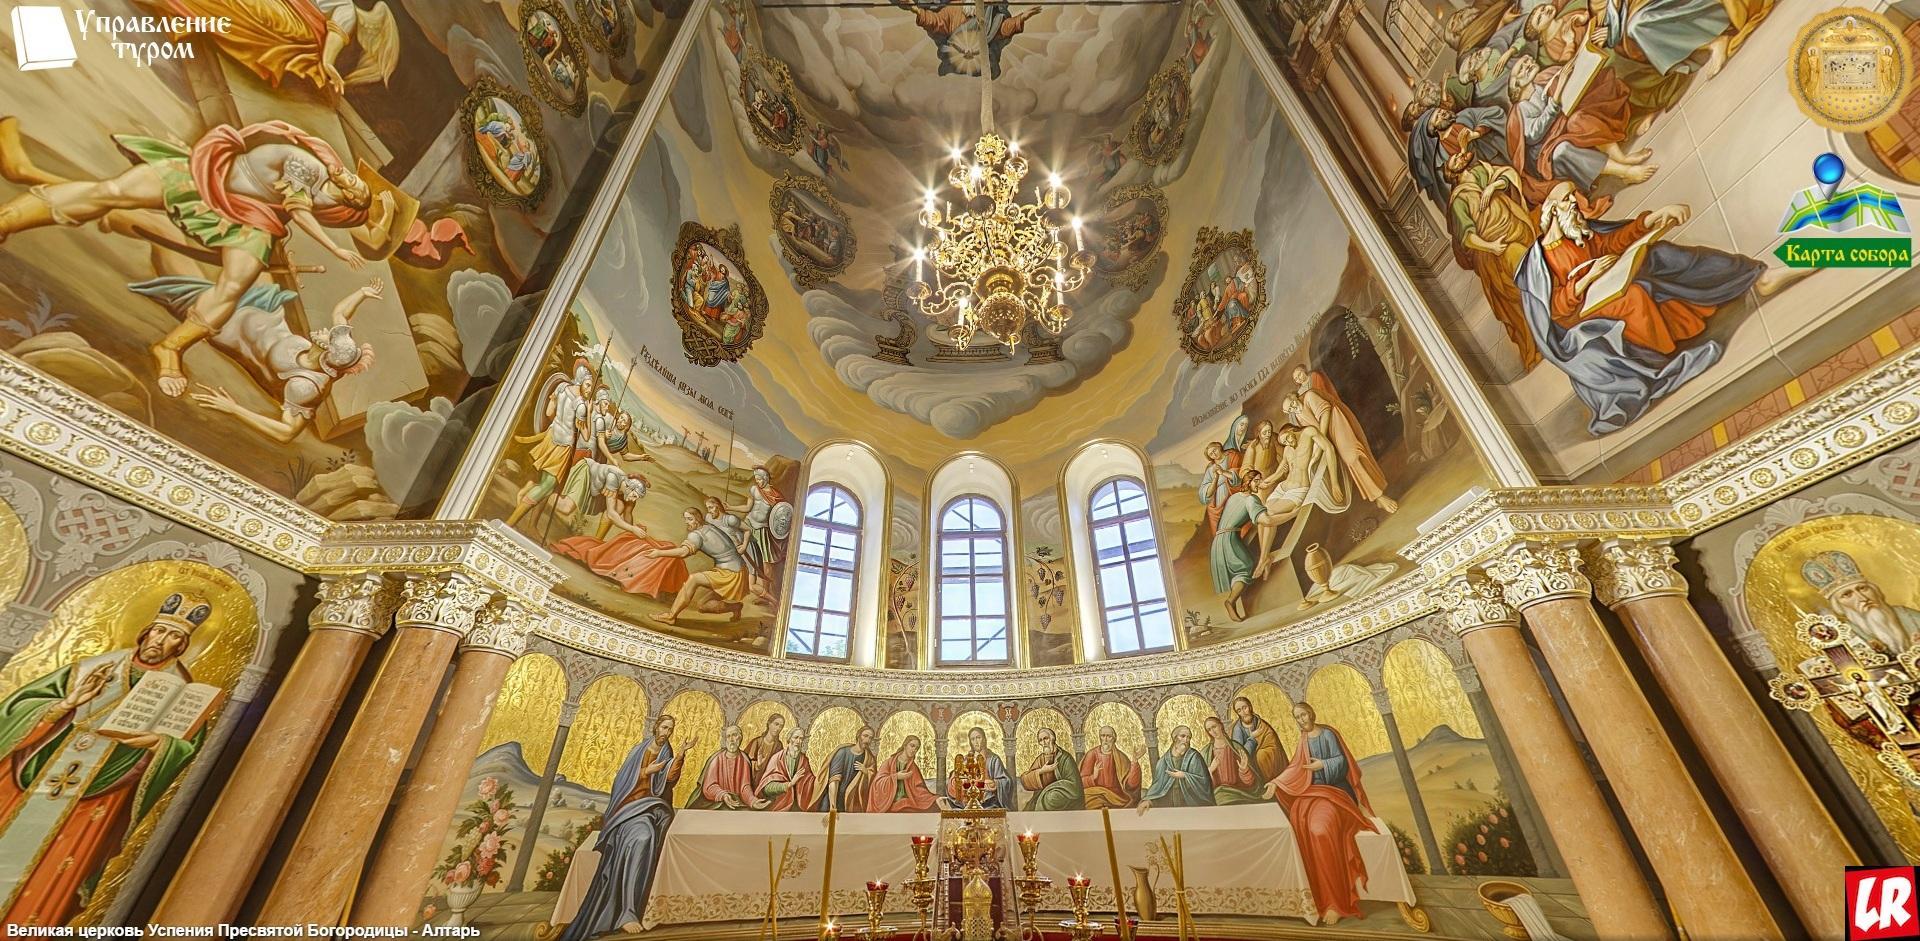 Киево-Печерская лавра, Успенский собор, Успенский собор, роспись алтарной части, верх